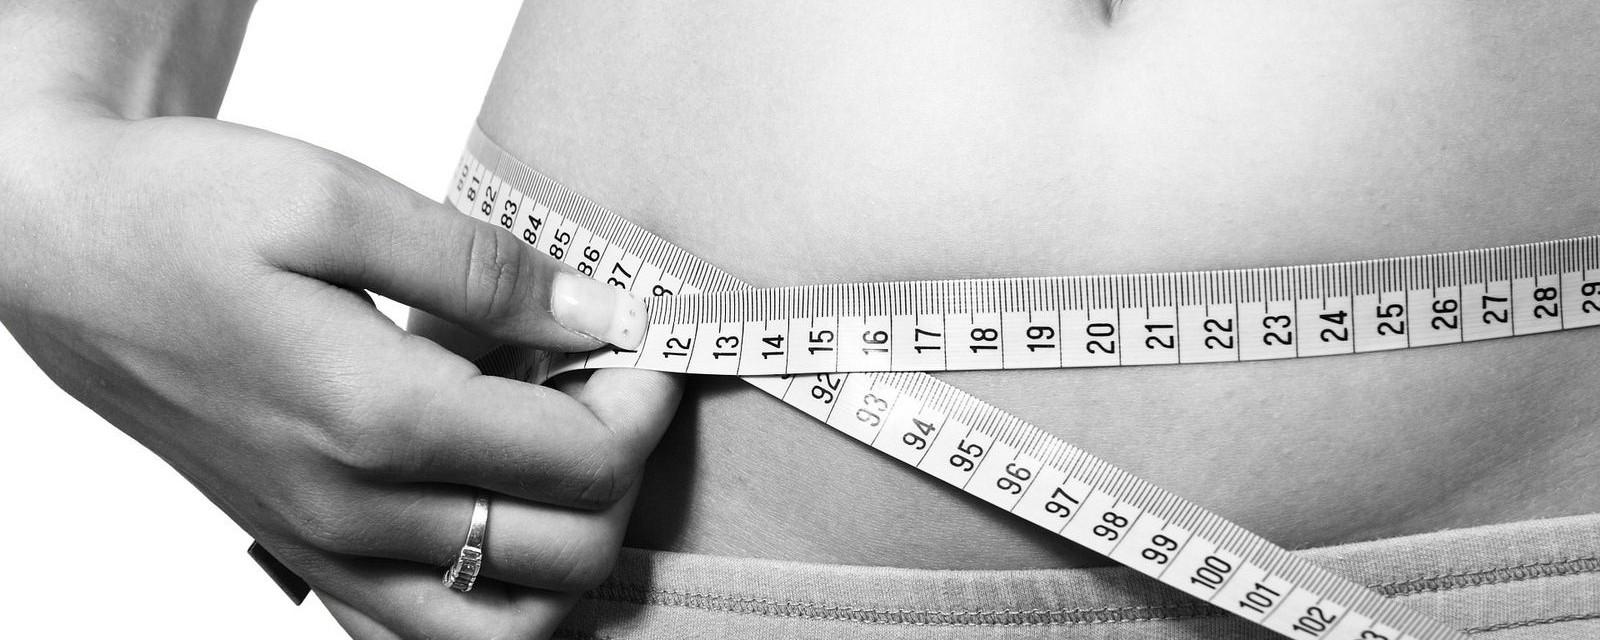 10 kg pierdere în greutate în două săptămâni